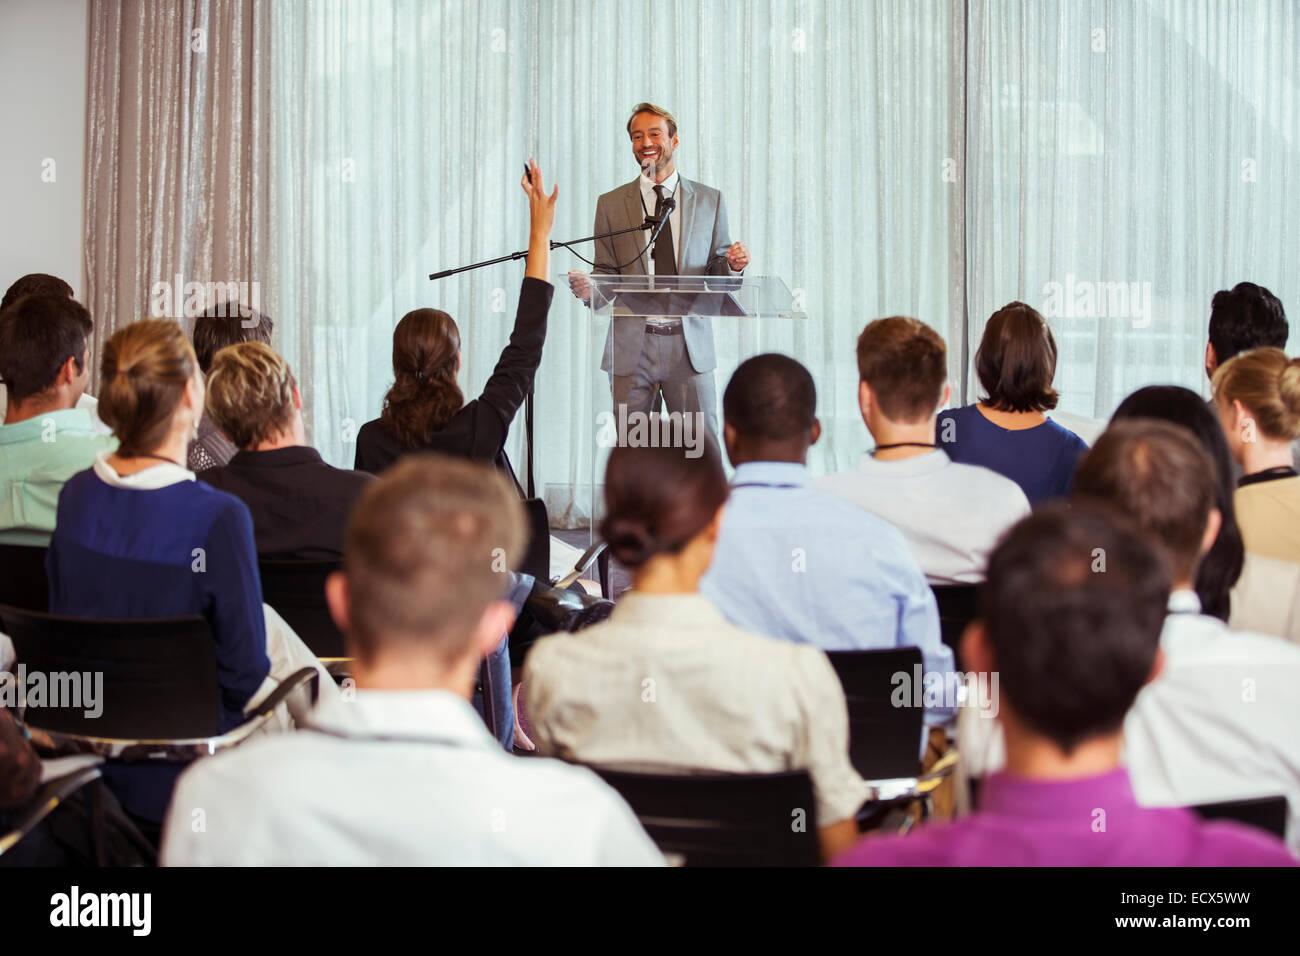 Empresario dando la voz en la sala, una mujer del público levantando la mano Imagen De Stock